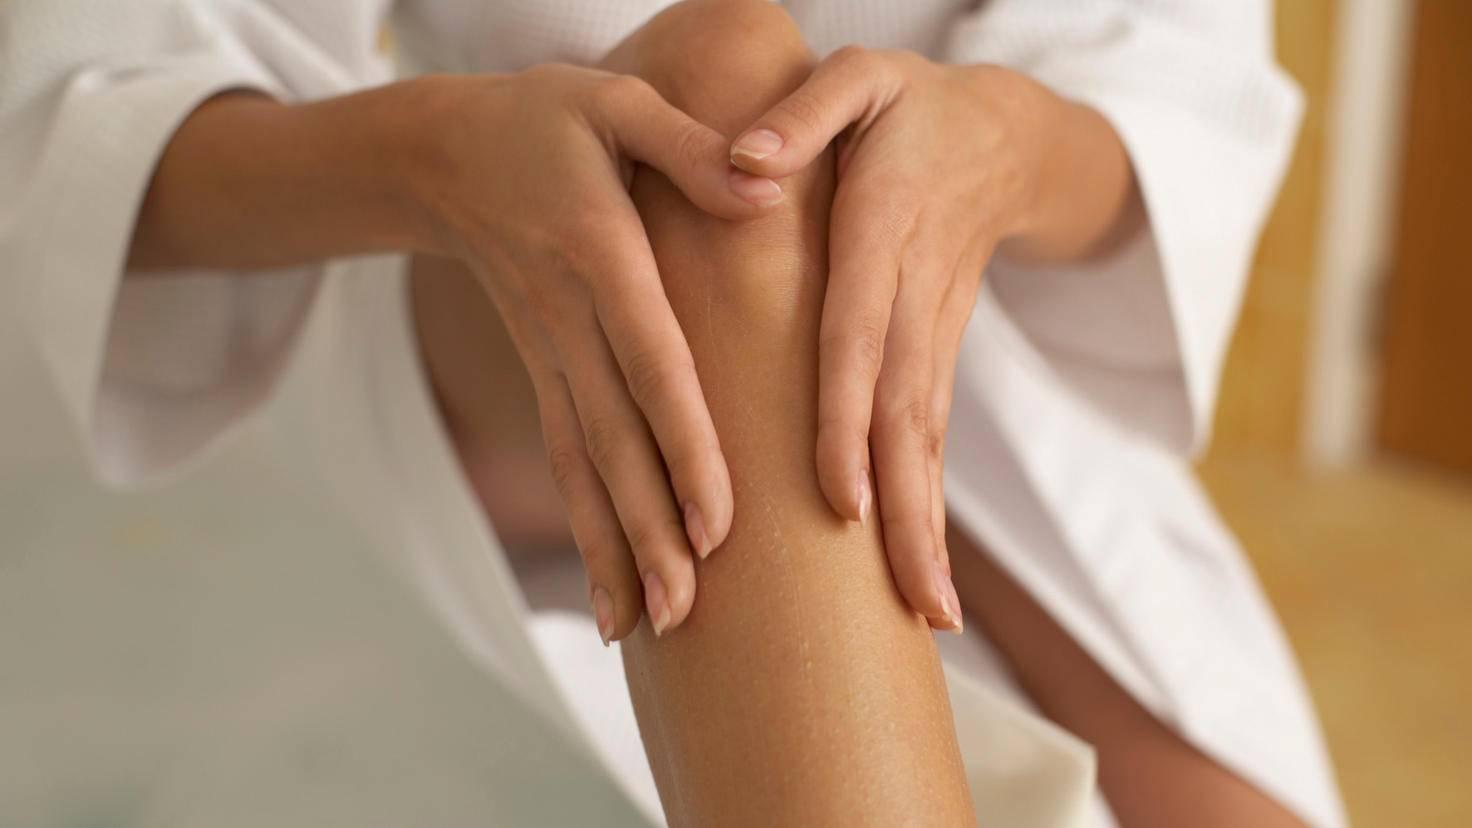 Schon eingecremte Haut kann das Ergebnis einer Körperfettwaage verfälschen.